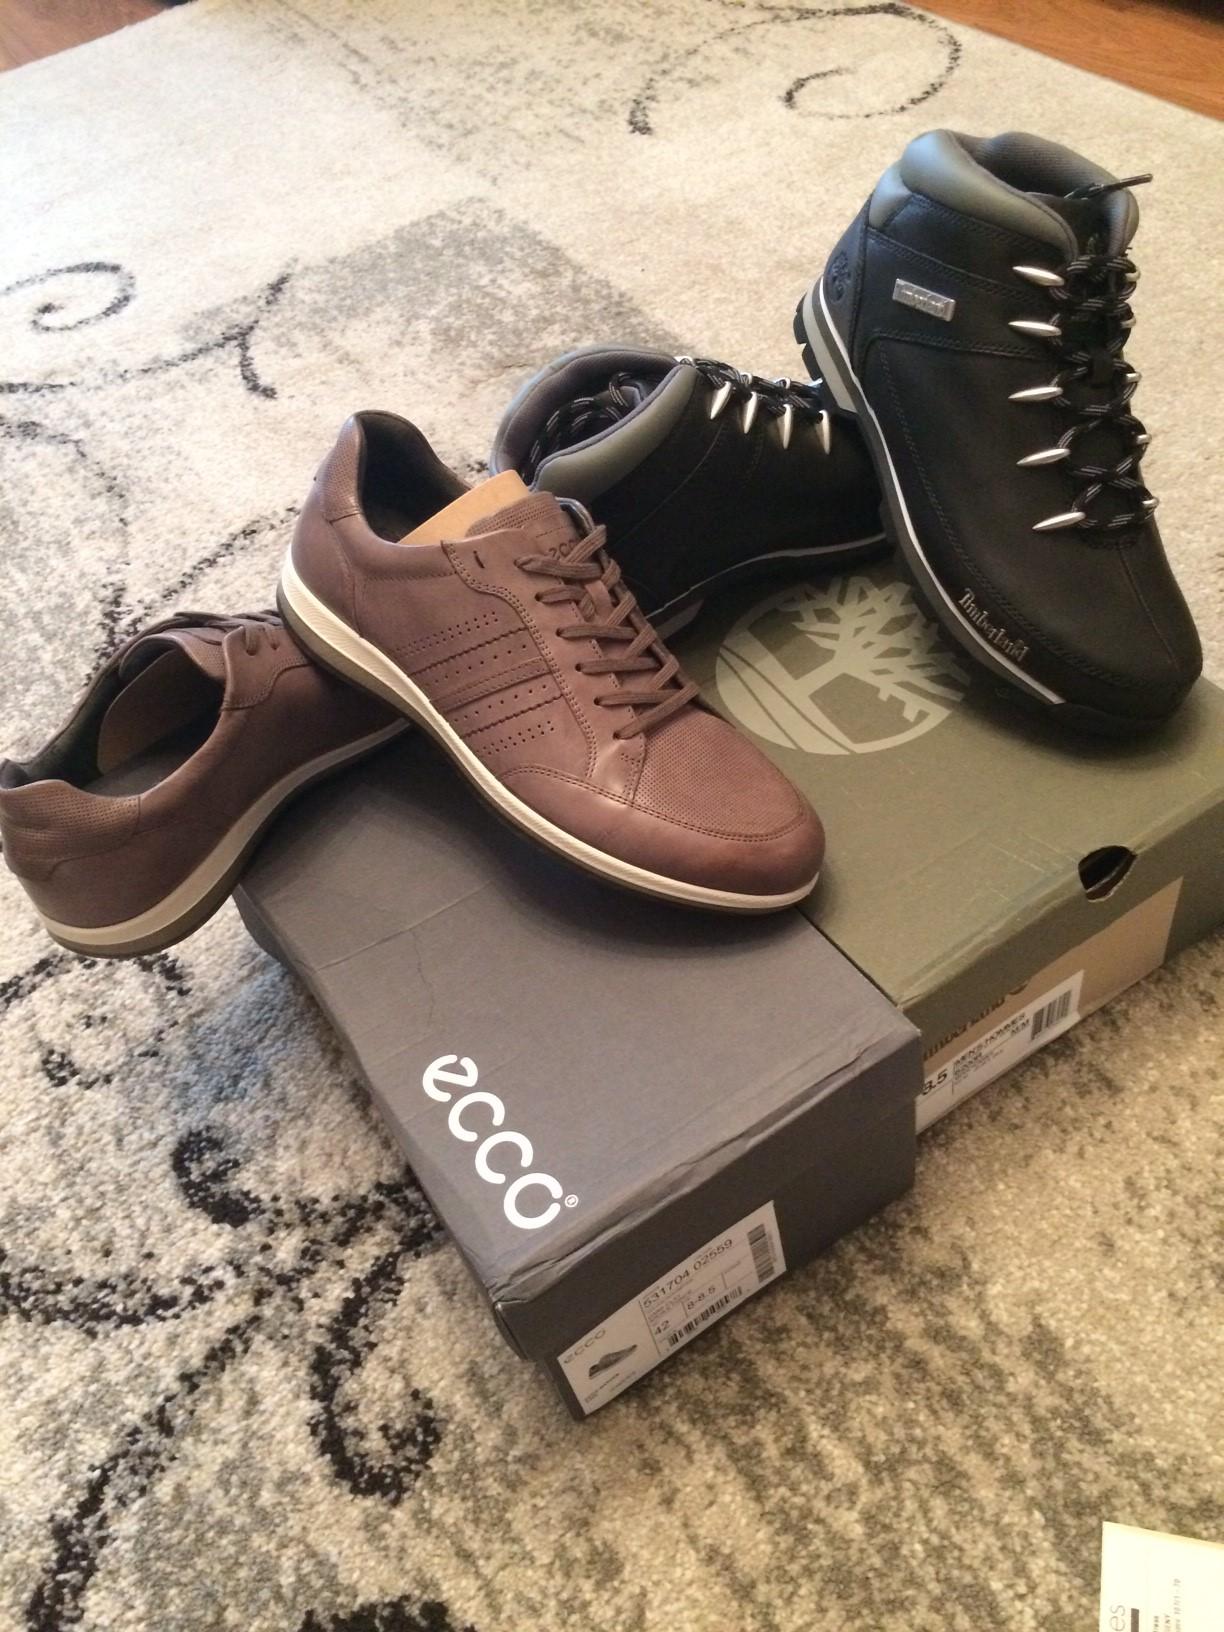 Присматривал себе обувь на осень и зиму. В блоге Титаниума обратил внимание  на английский магазин Bells Shoes. Выбор пал на демисезонные сникеры Ecco  ... 0a099fedd160d